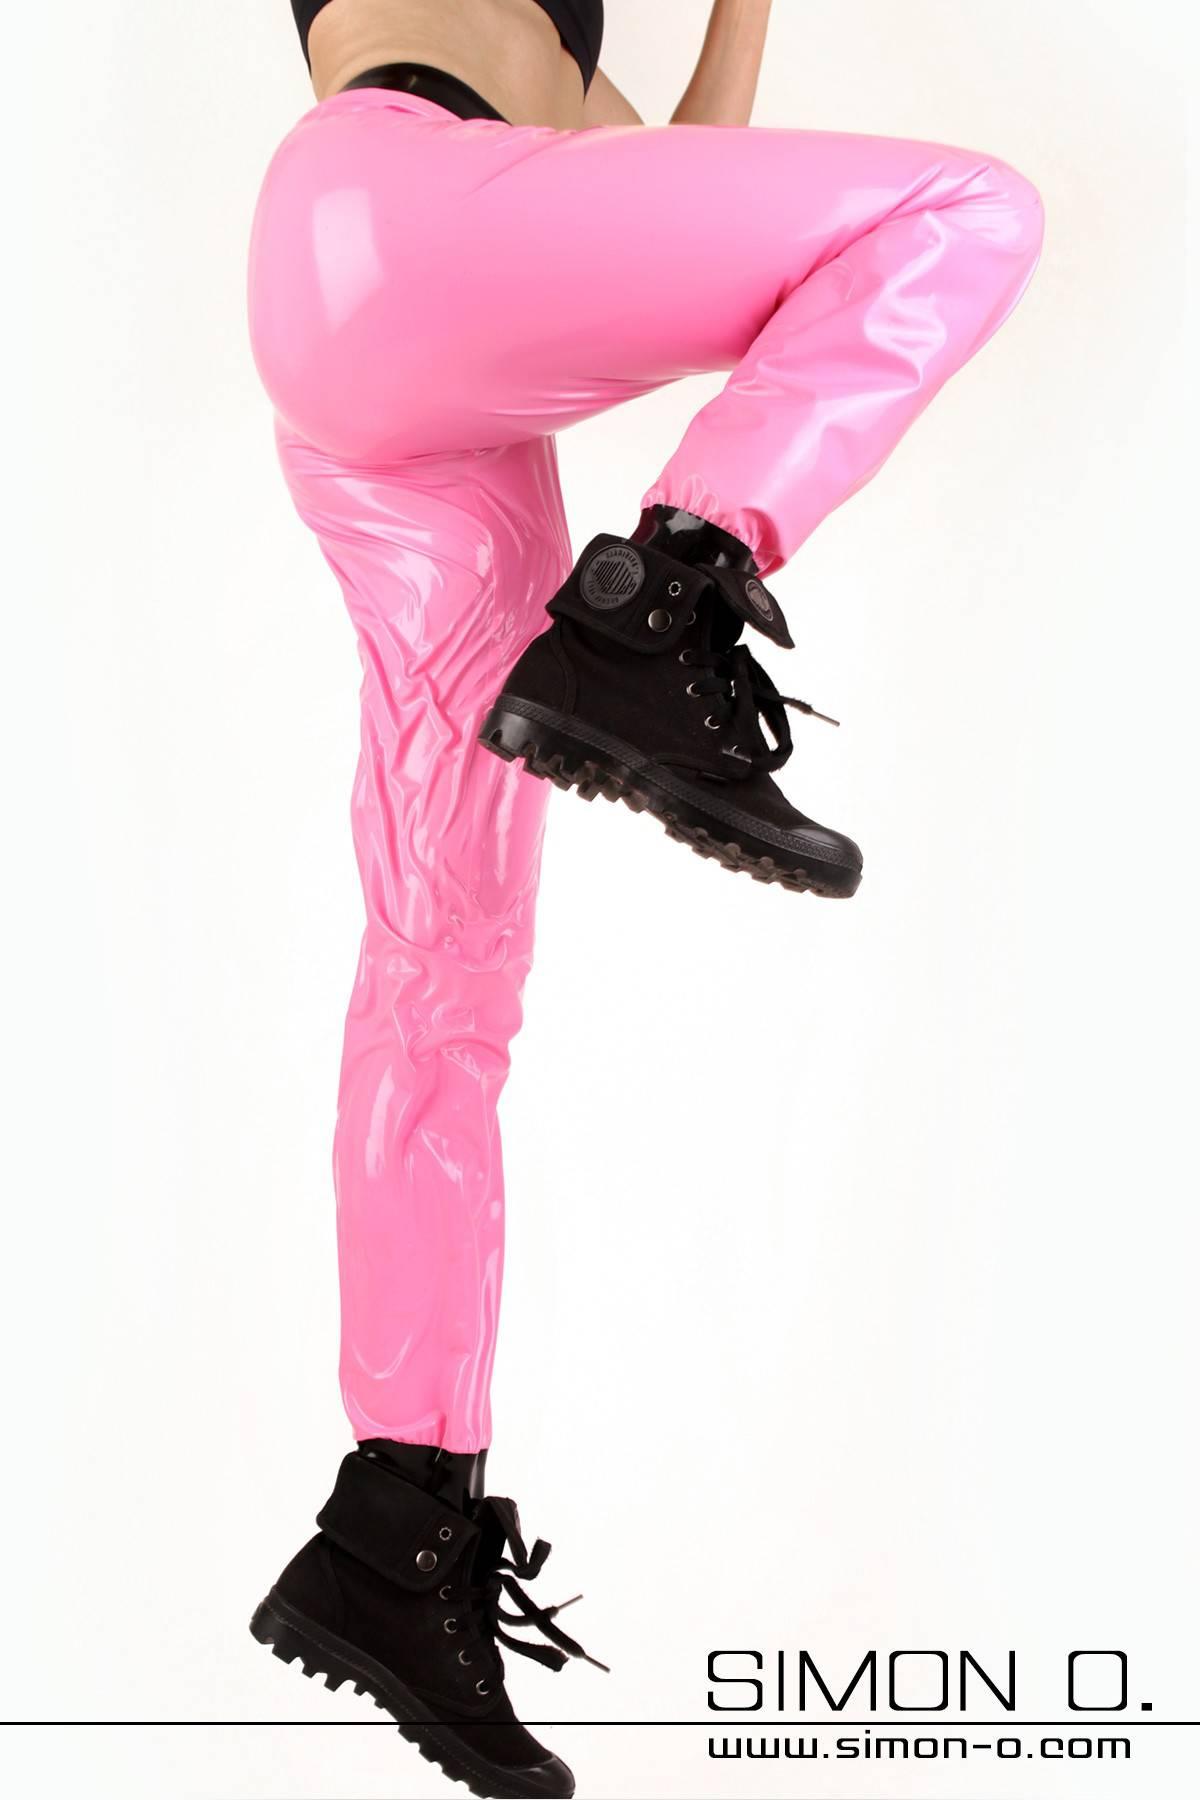 Eine Frau trägt eine lockere Glanz Trainingshose in Pink